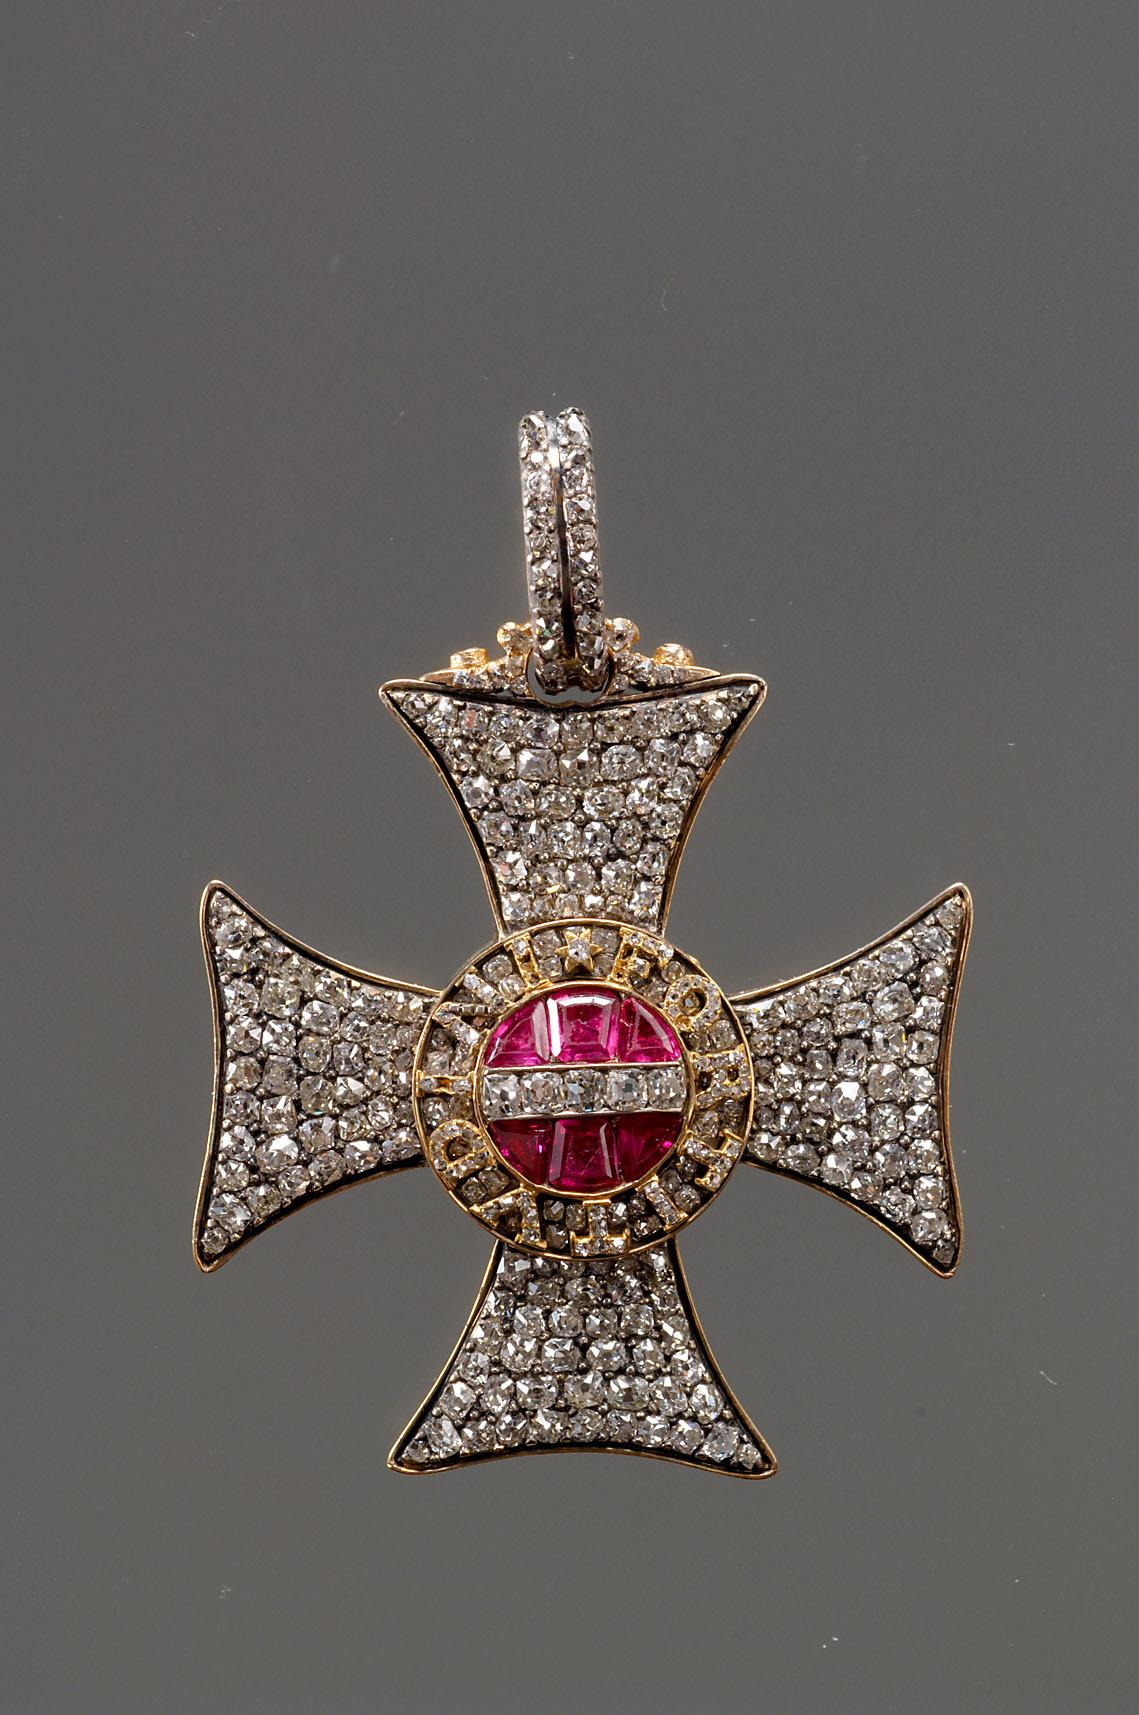 Kreuz des Militär-Maria-Theresien-Ordens von Johann Michael Grosser